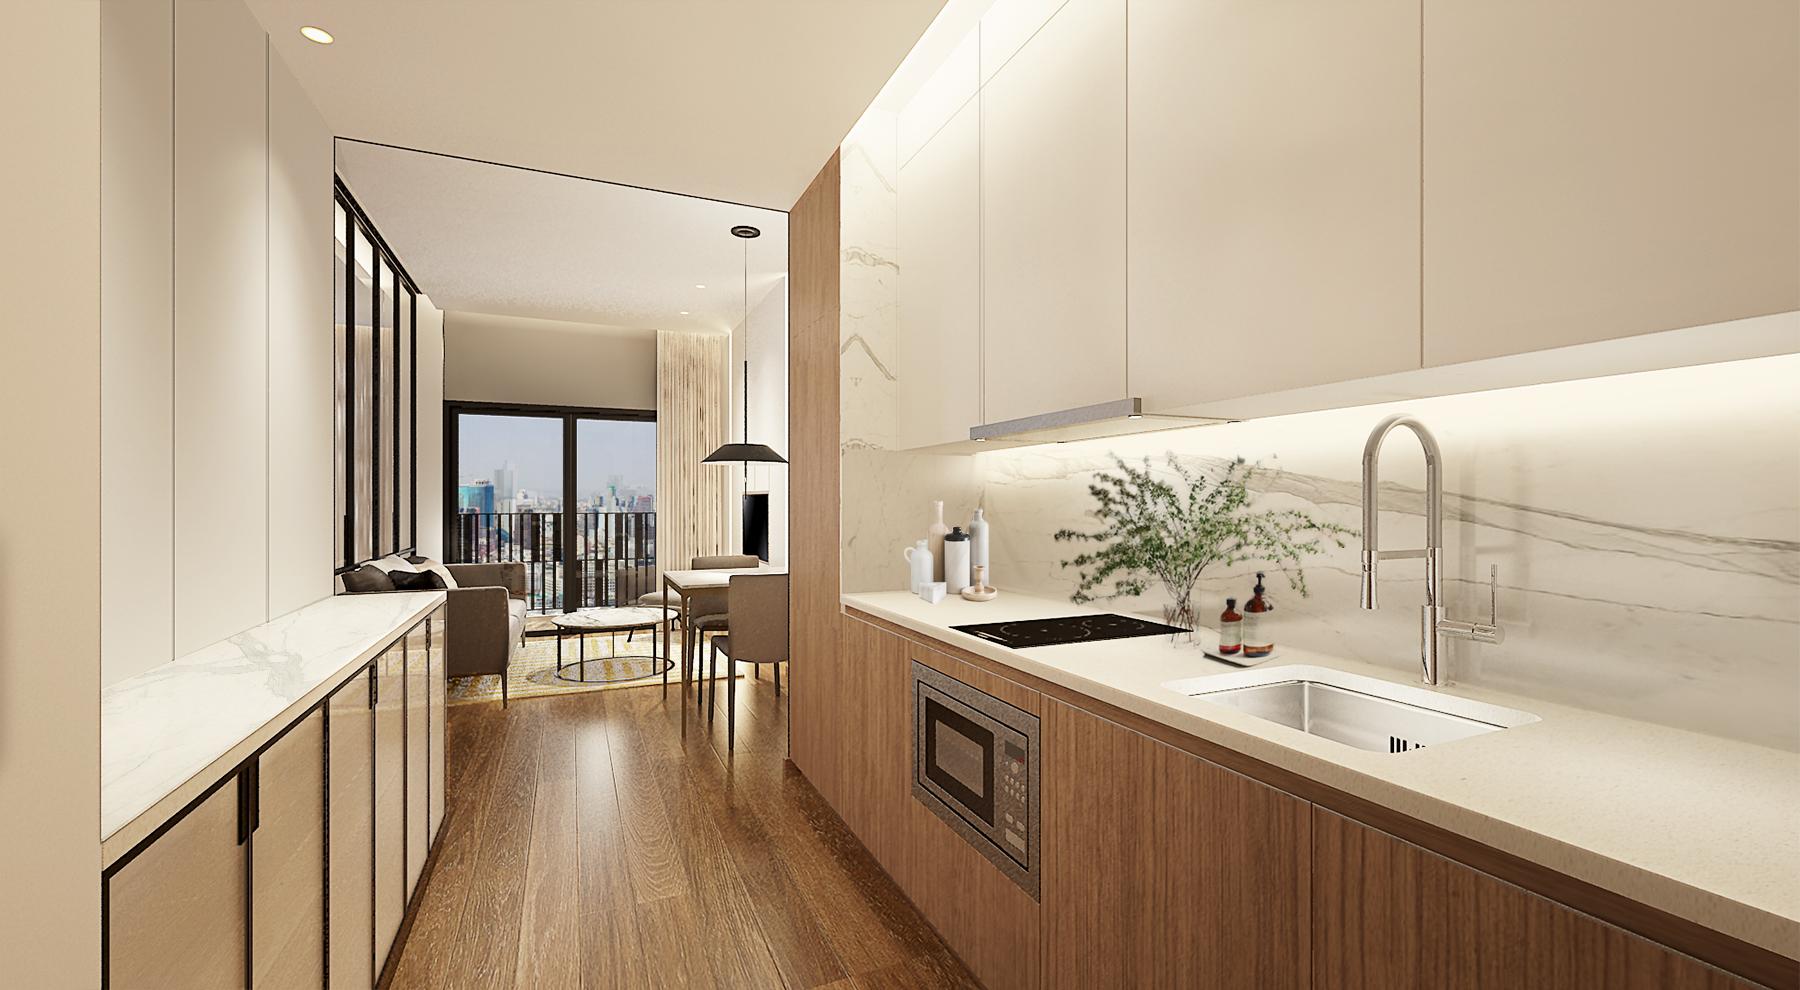 BOIFFILS-Muniq23-Pers-UNIT-42.5-01-kitchen.jpg